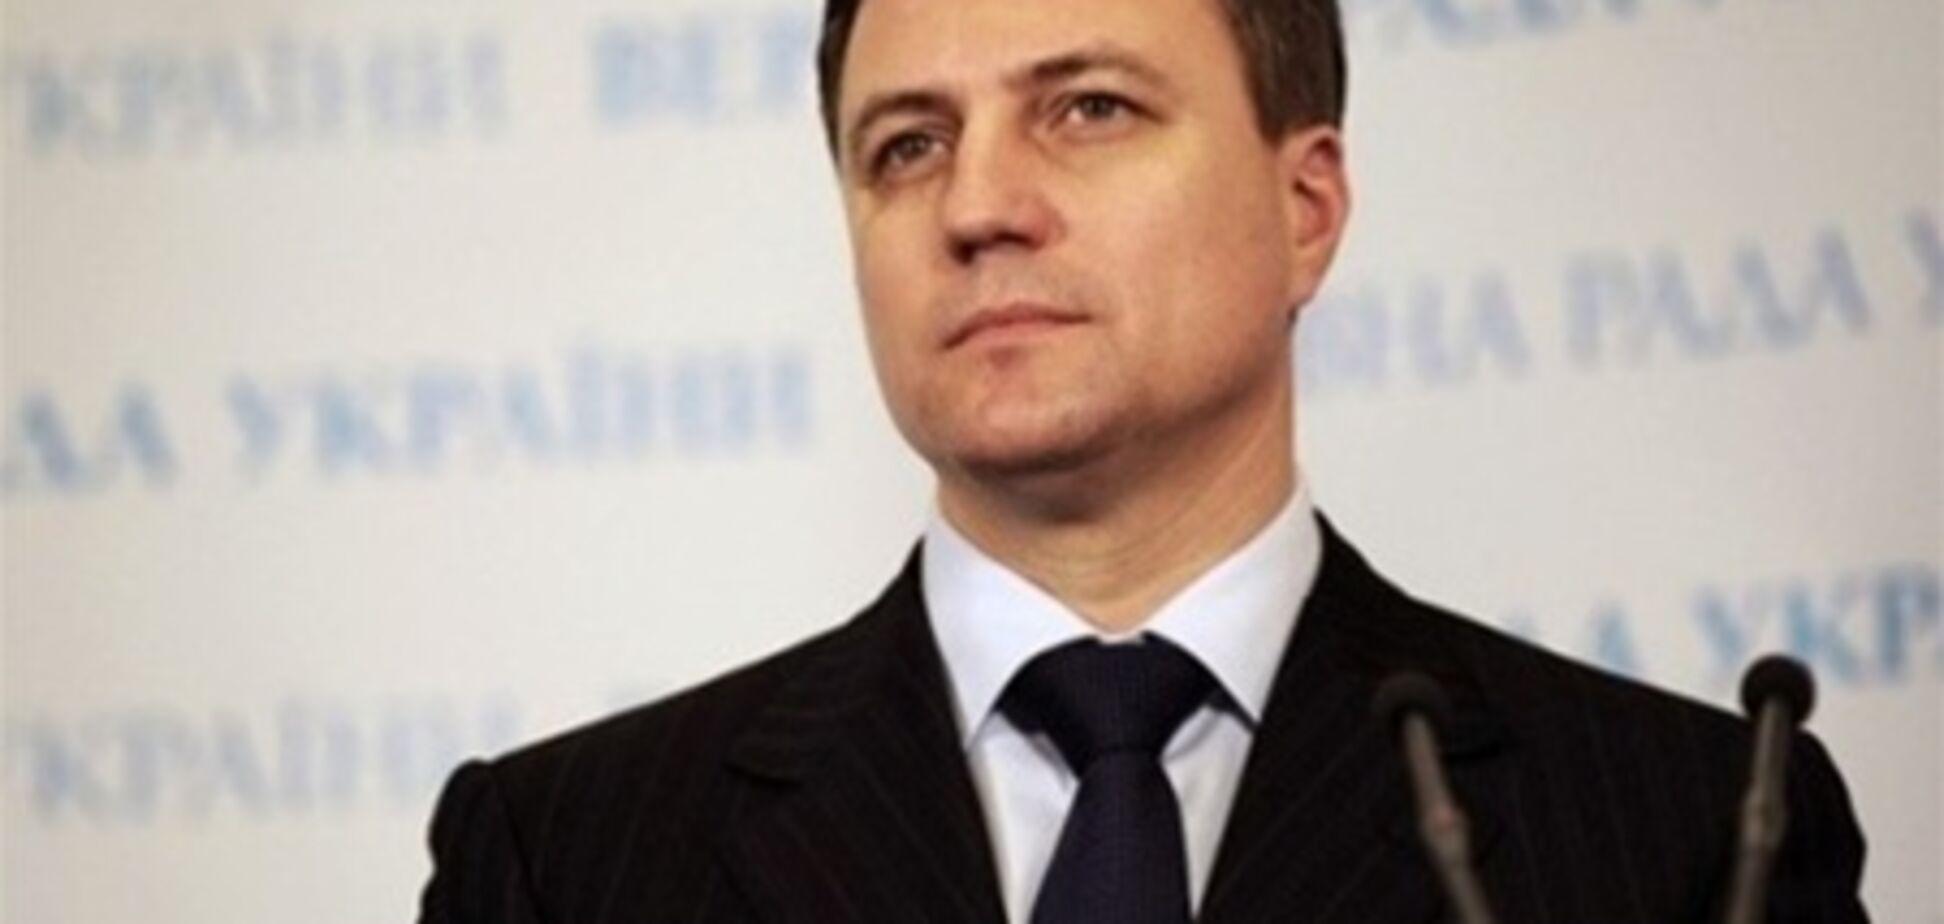 Катеринчук хочет устроить 'Диснейленд' в Гидропарке